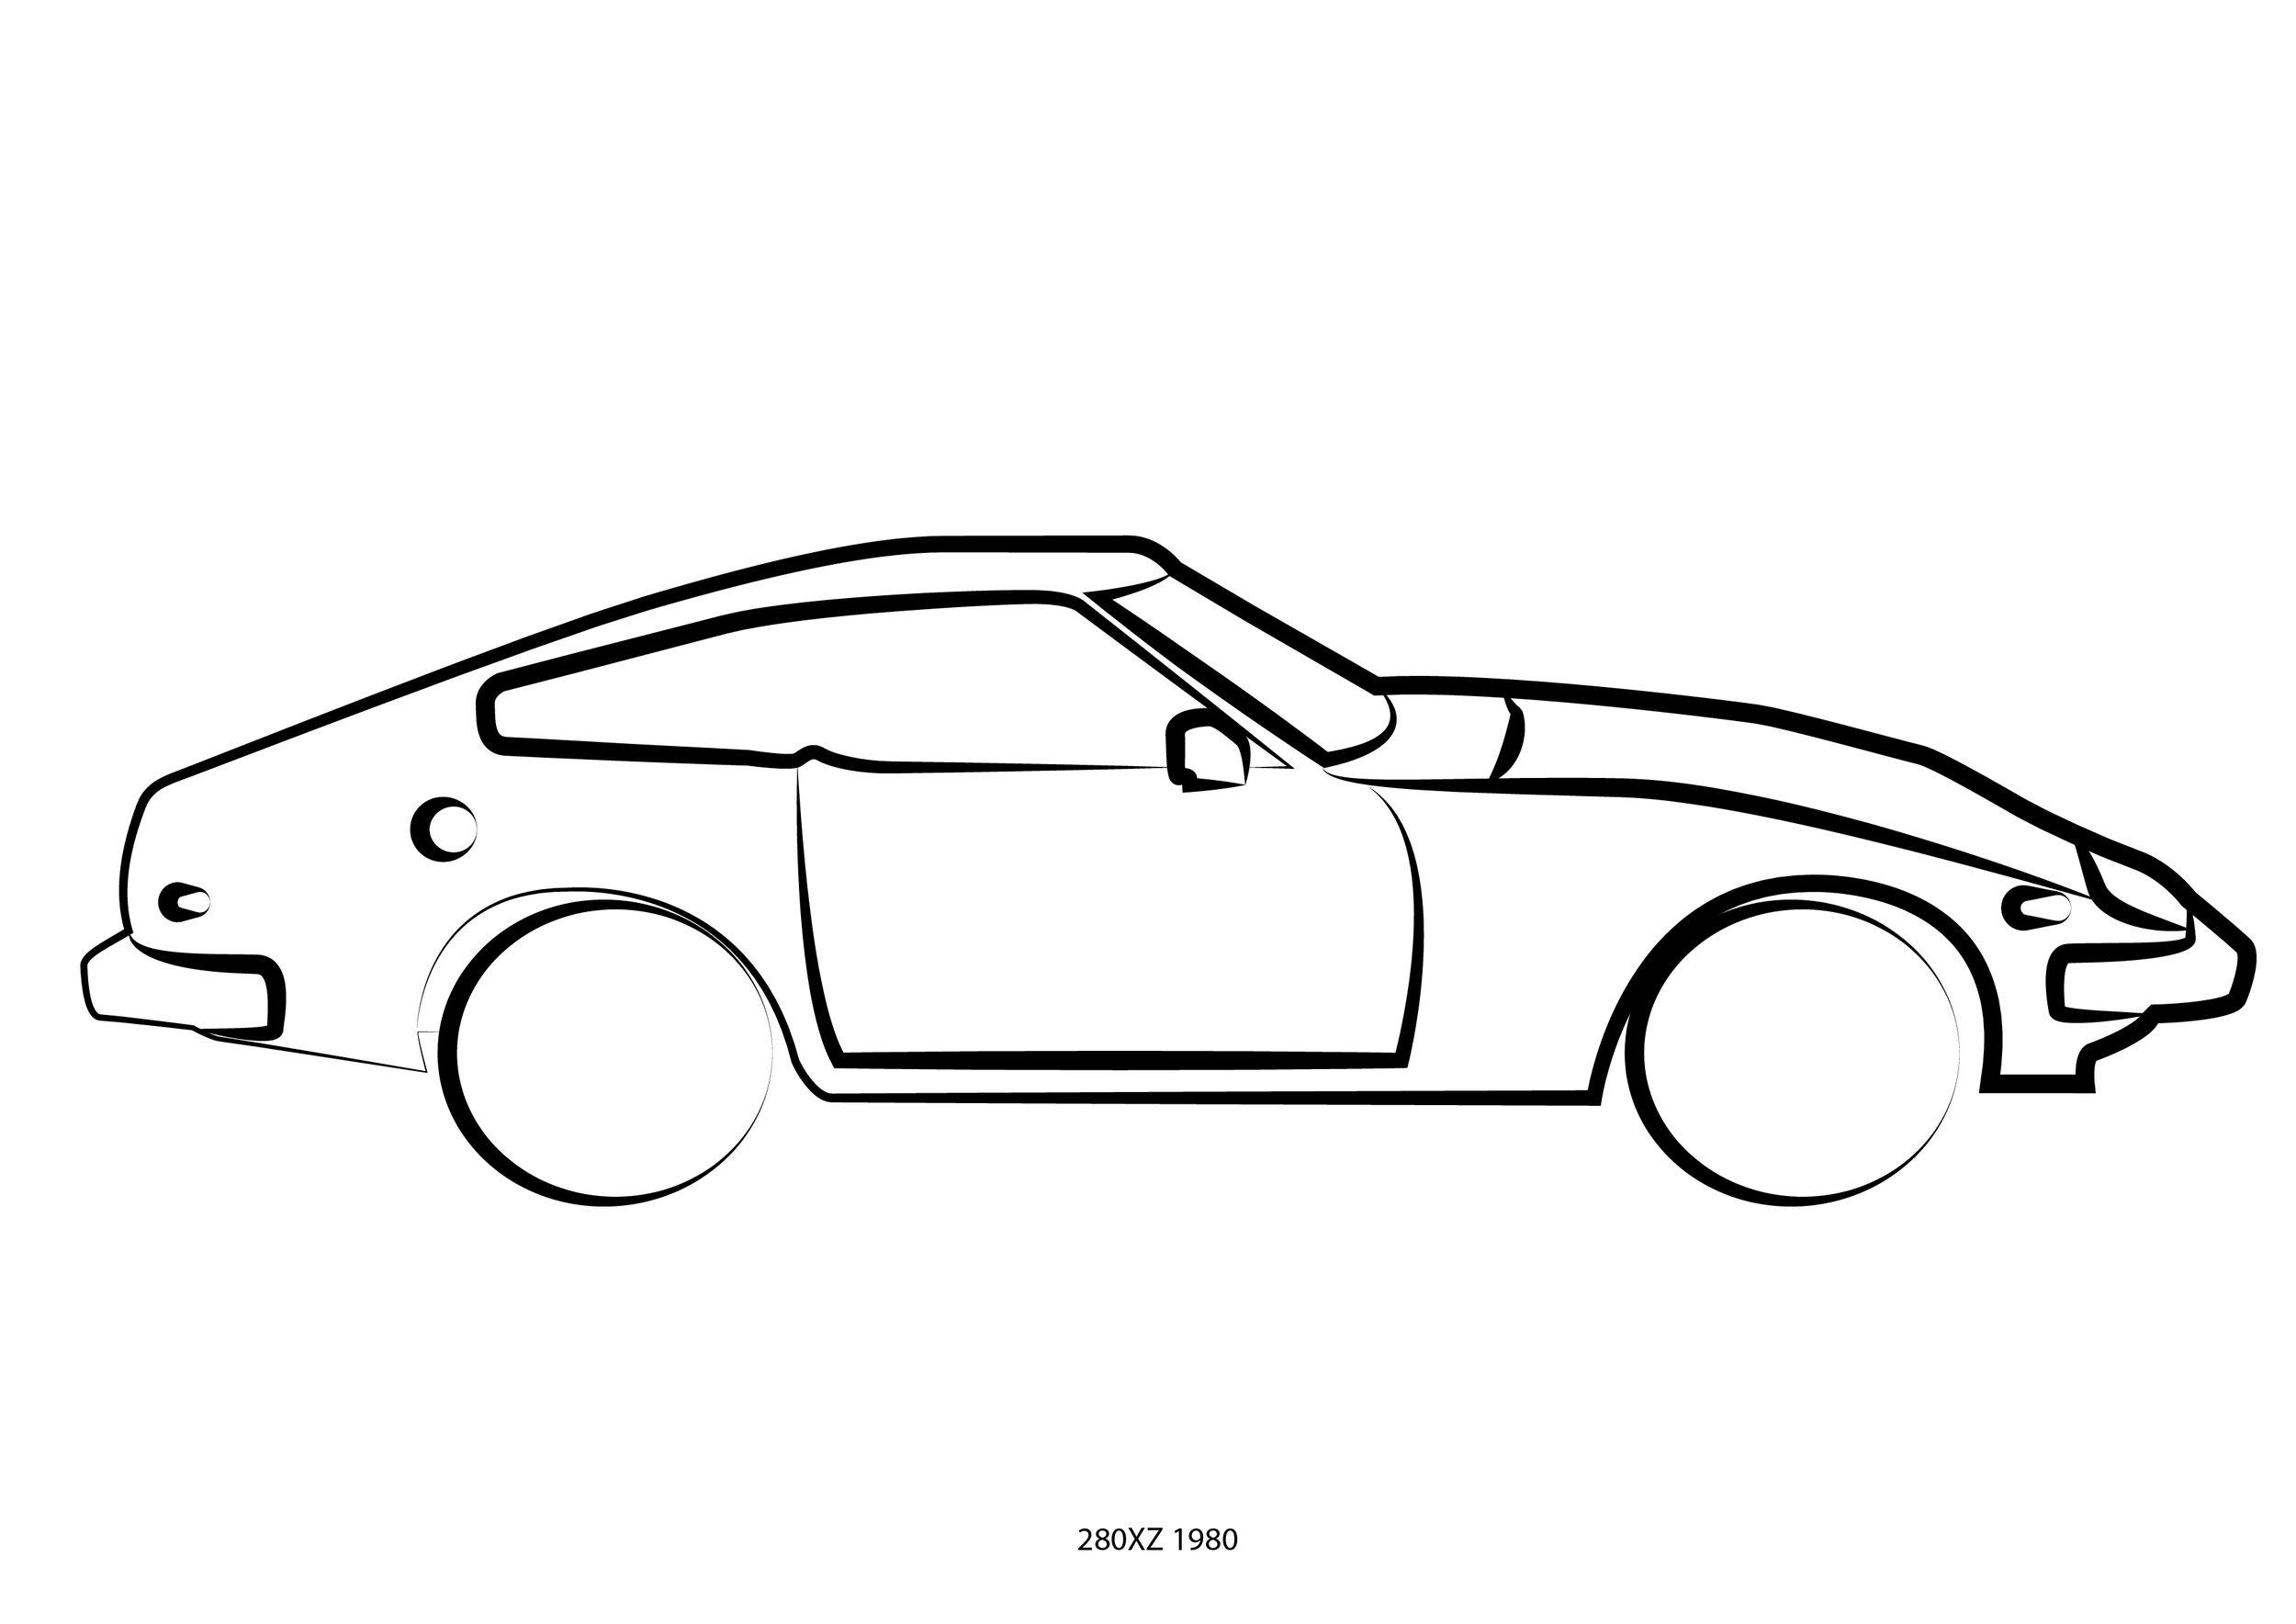 Car vector-04.jpg